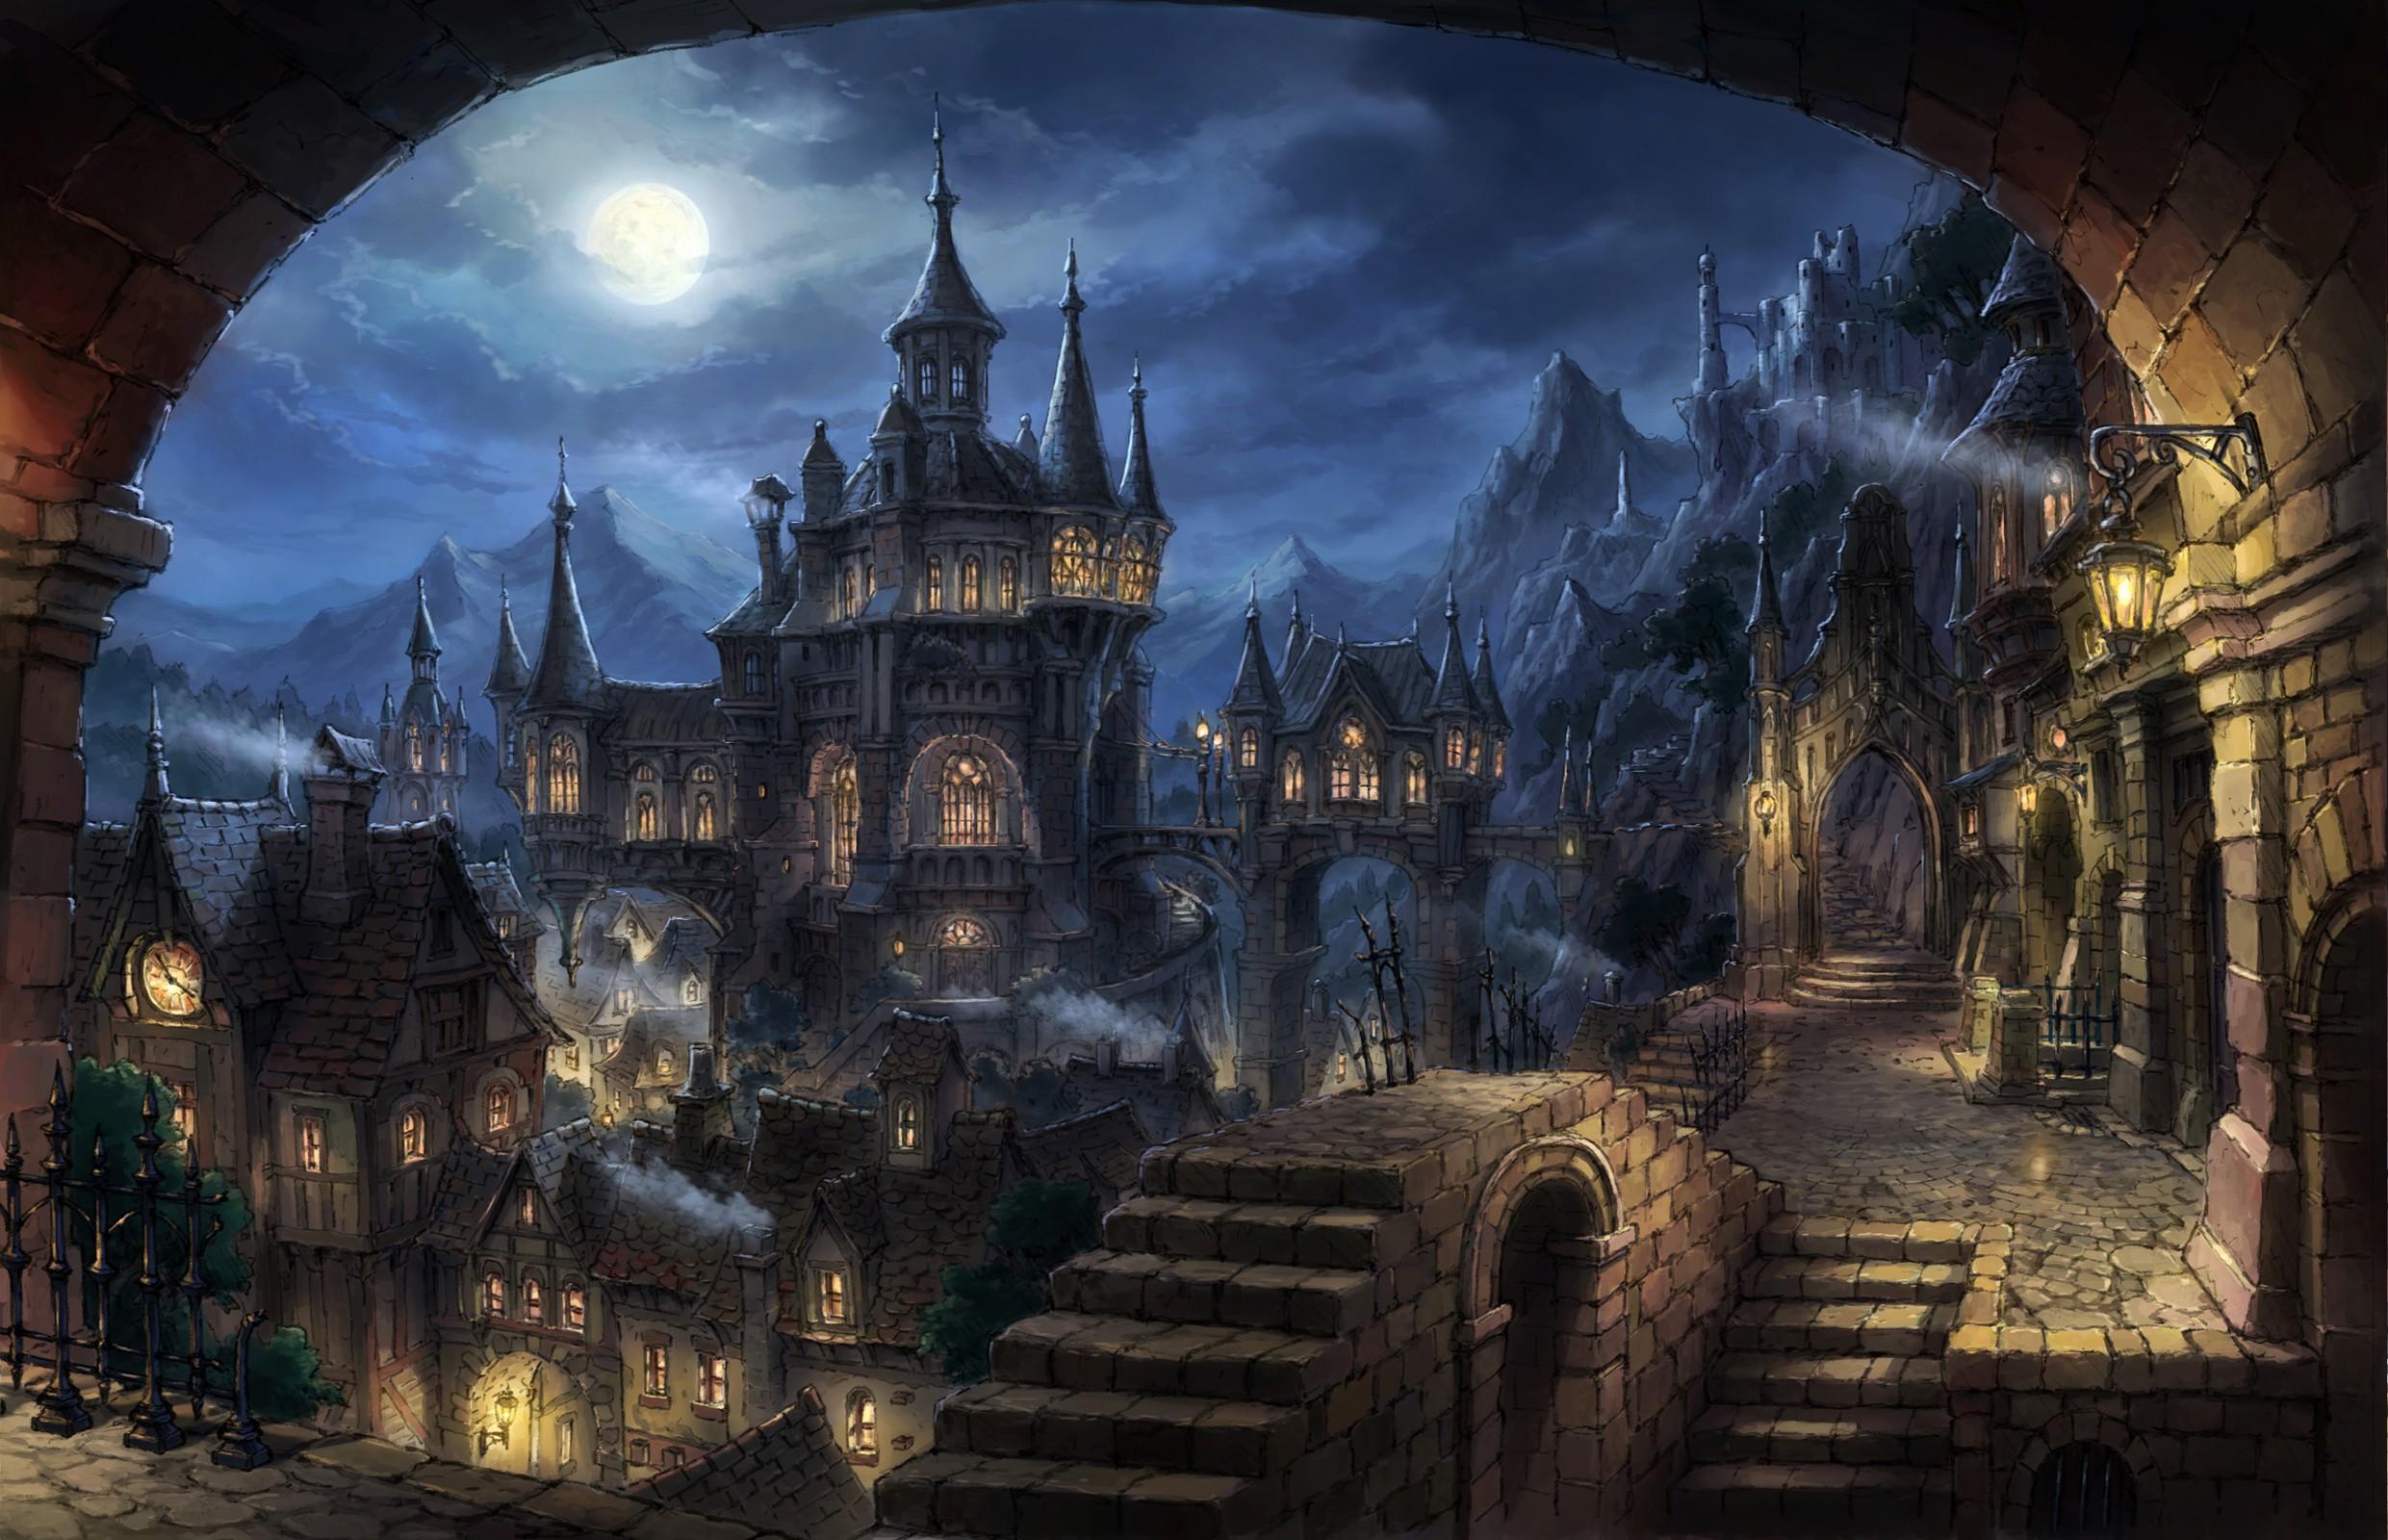 Fond d'écran : 2481x1600 px, Paysage urbain, Fantasme sombre, Art fantastique 2481x1600 - wallup ...